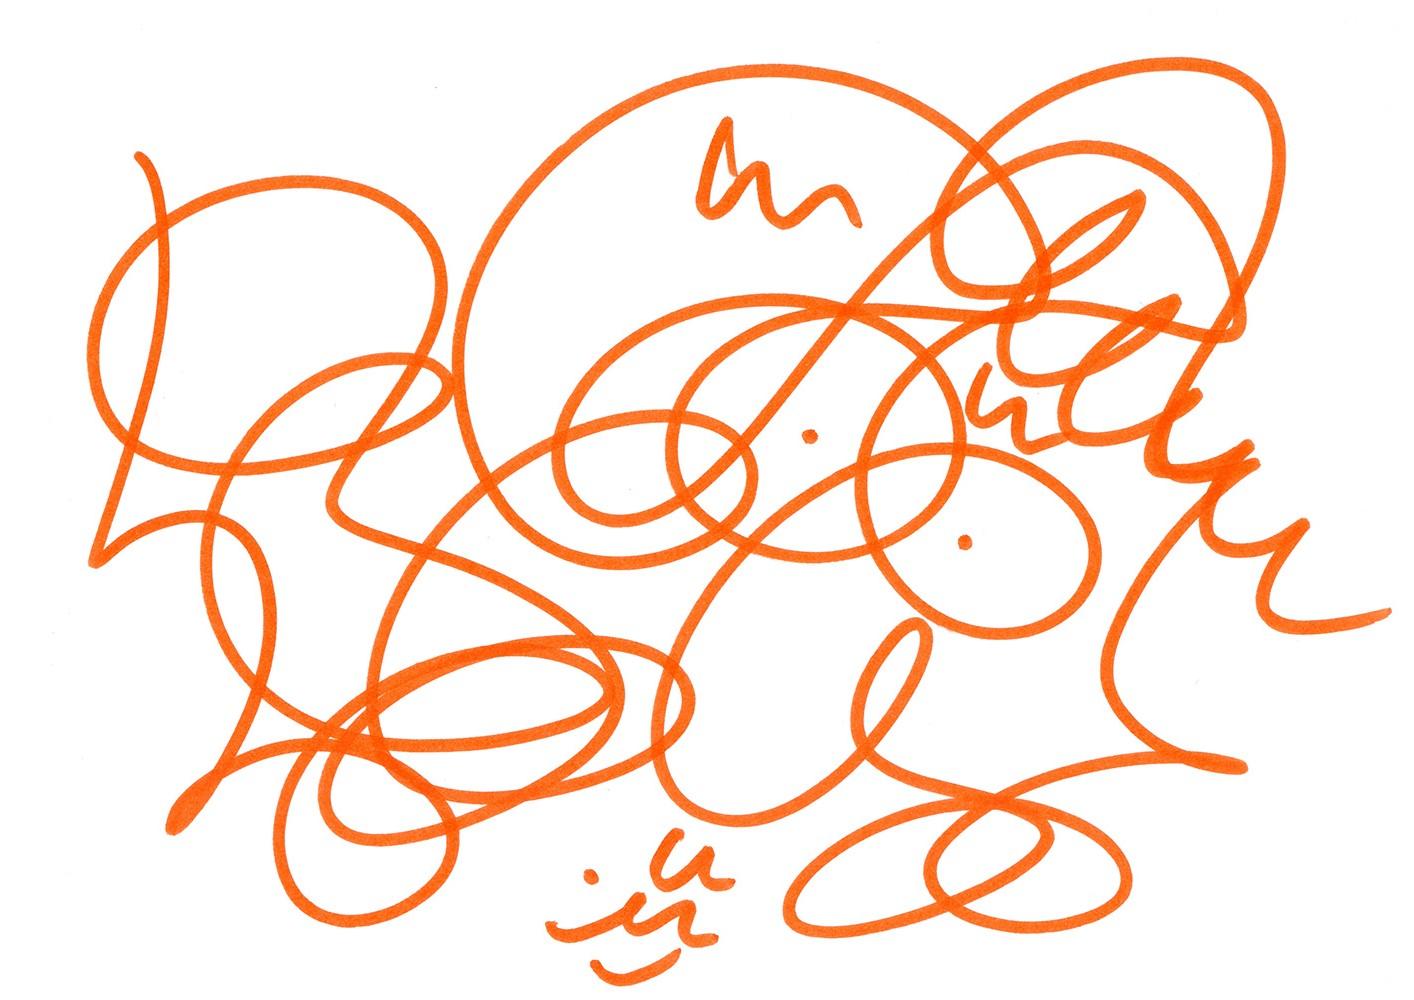 drawings_09